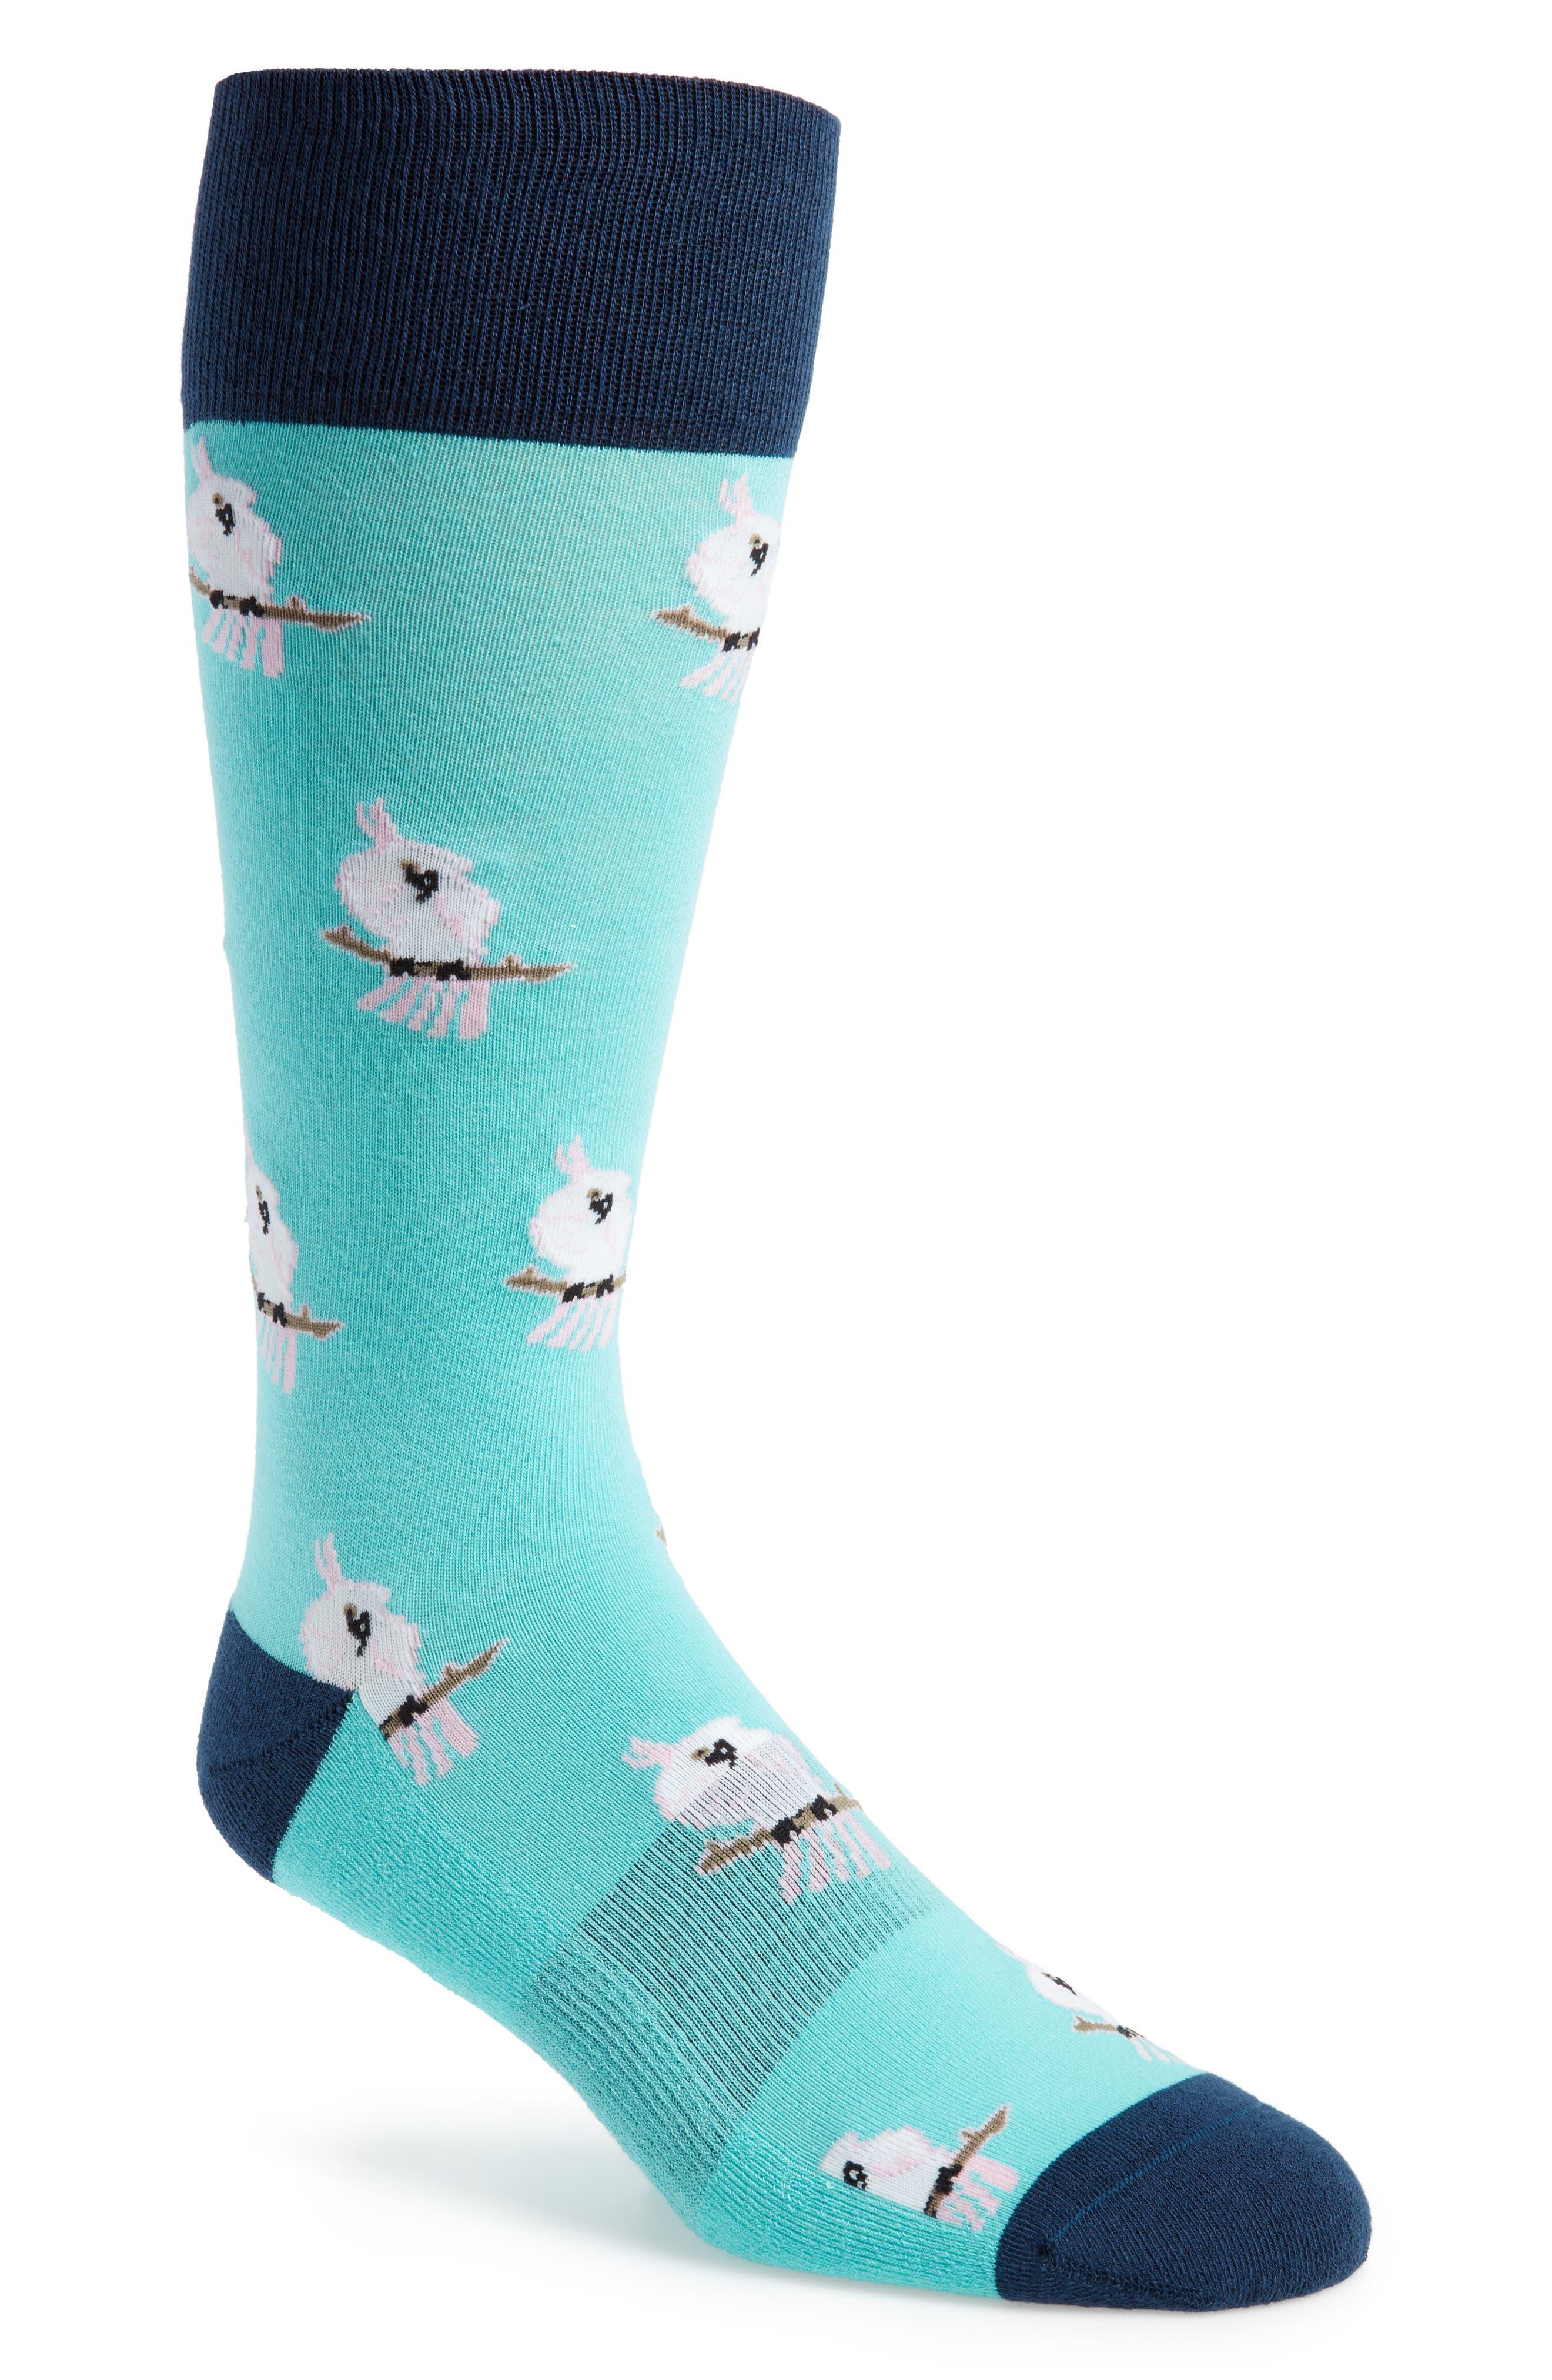 Cockatoo Socks,                             Main thumbnail 1, color,                             NAVY/ TEAL